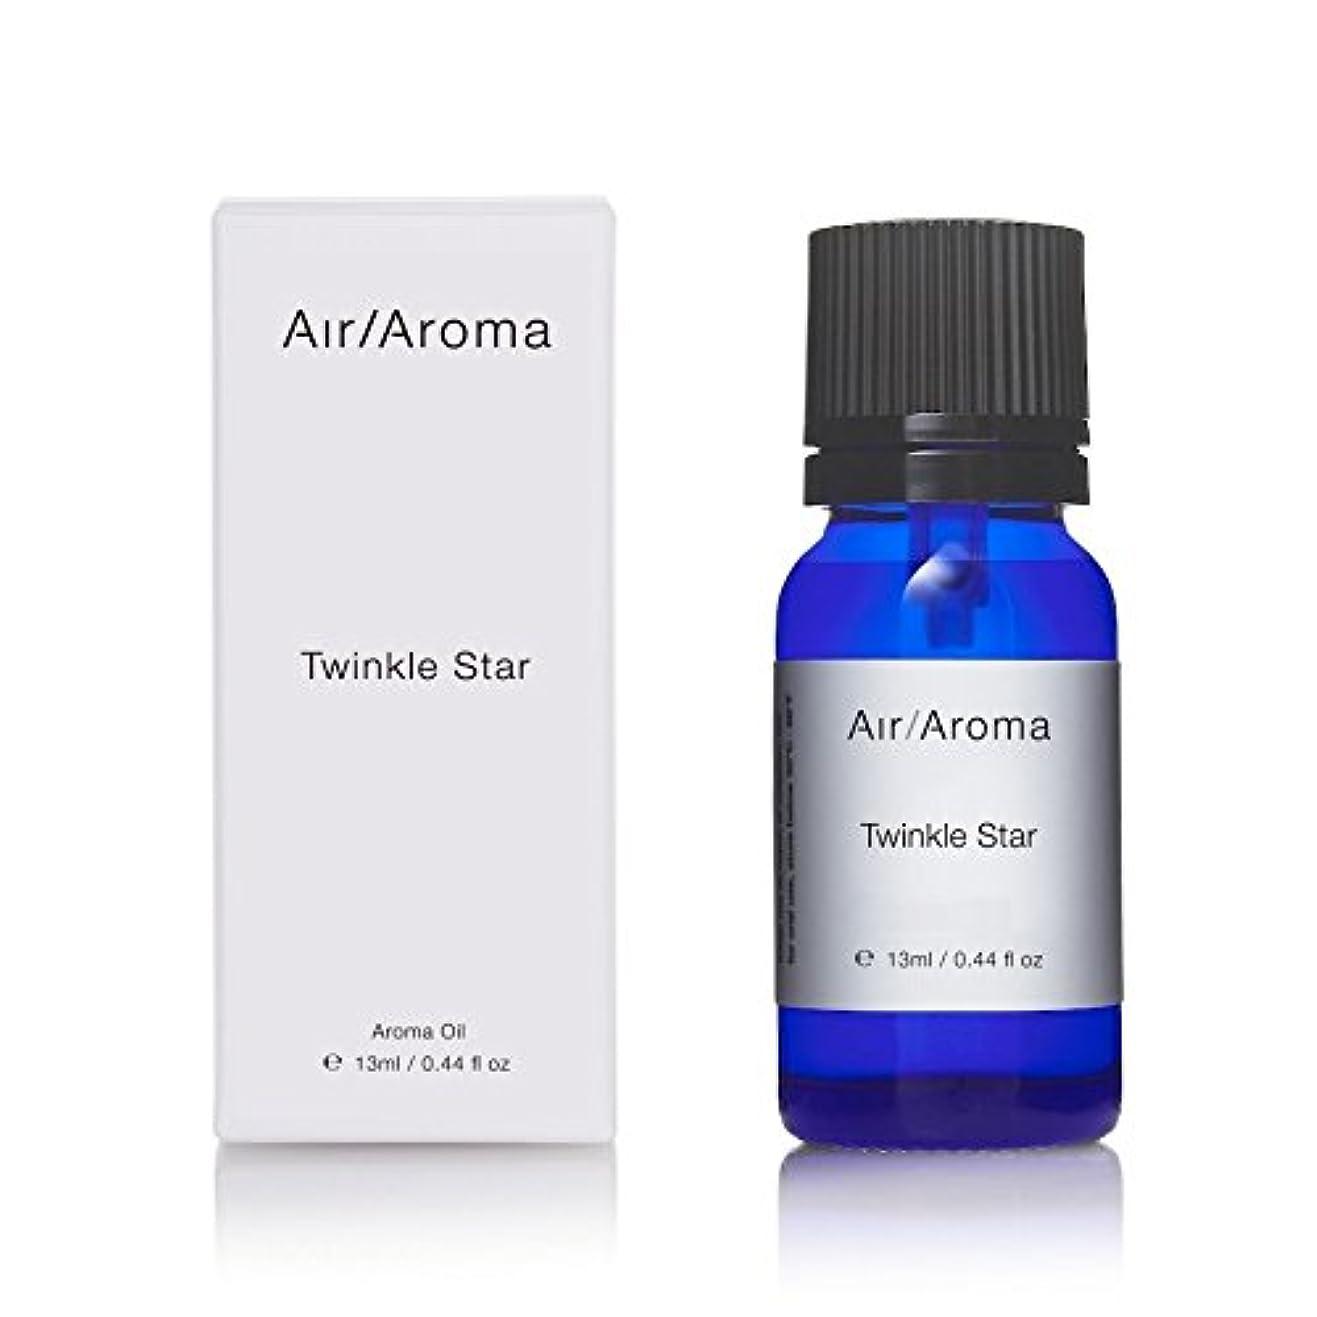 地理罪人本能エアアロマ twinkle star (トゥインクルスター) 13ml